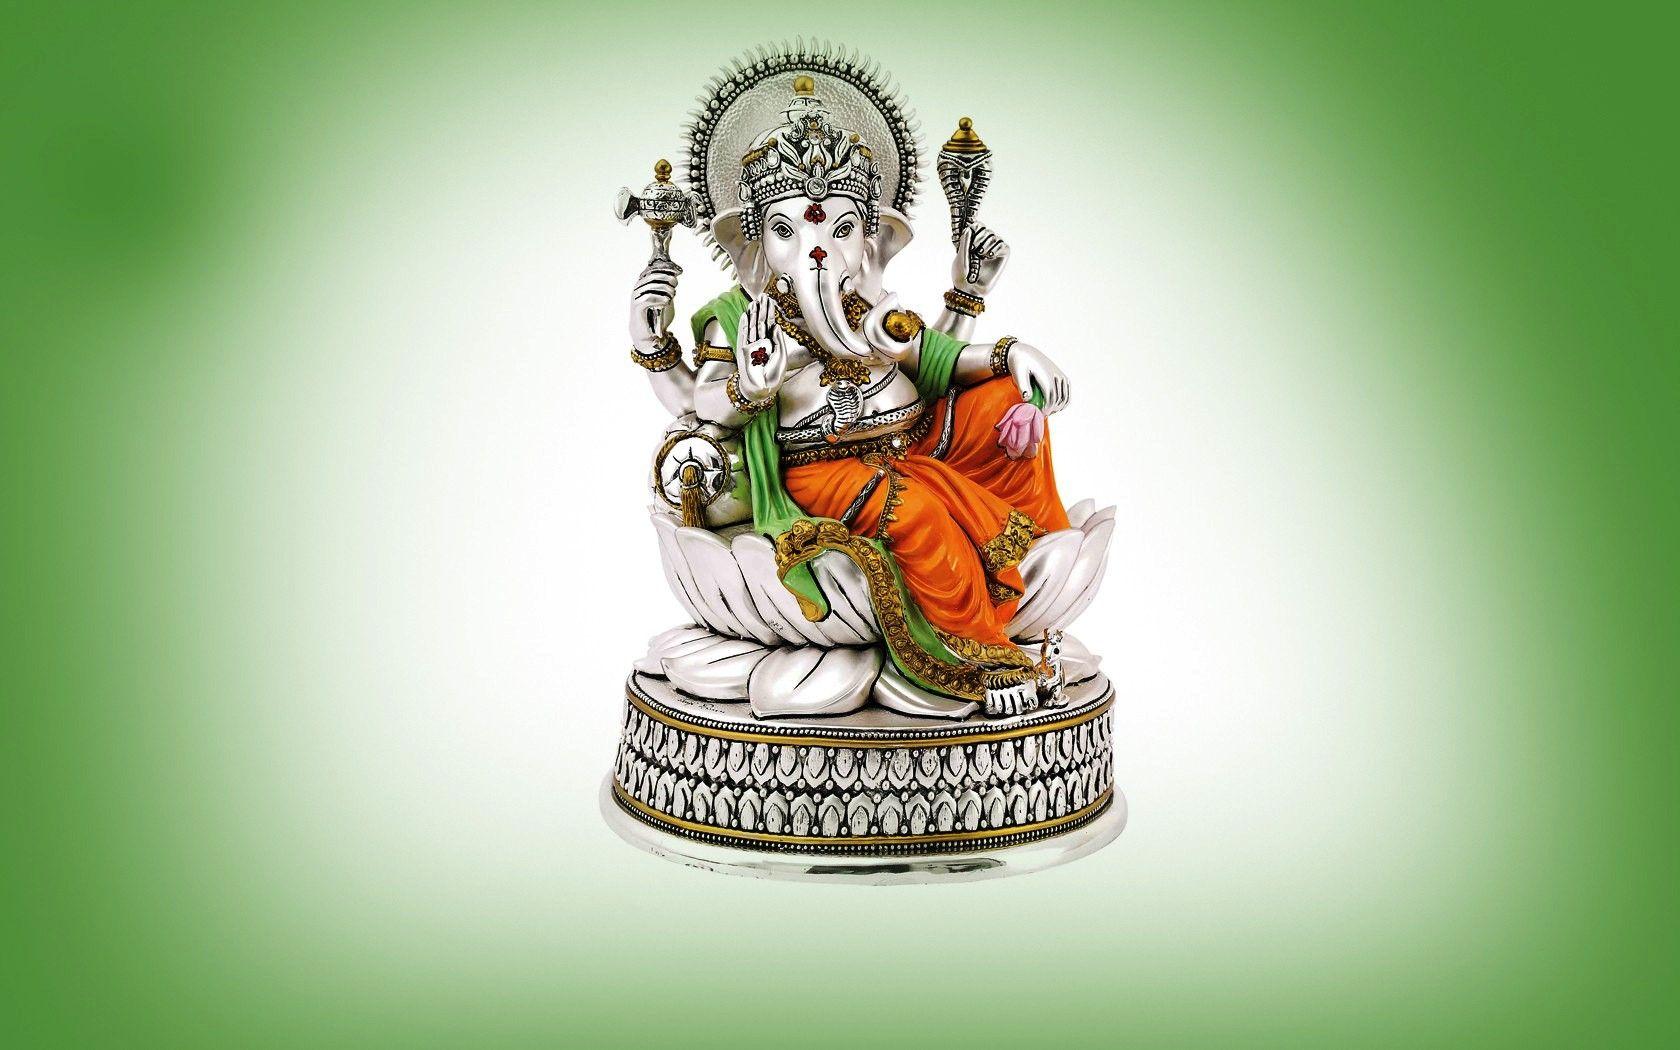 God Ganesha computer, laptop, desktop, android, mobile